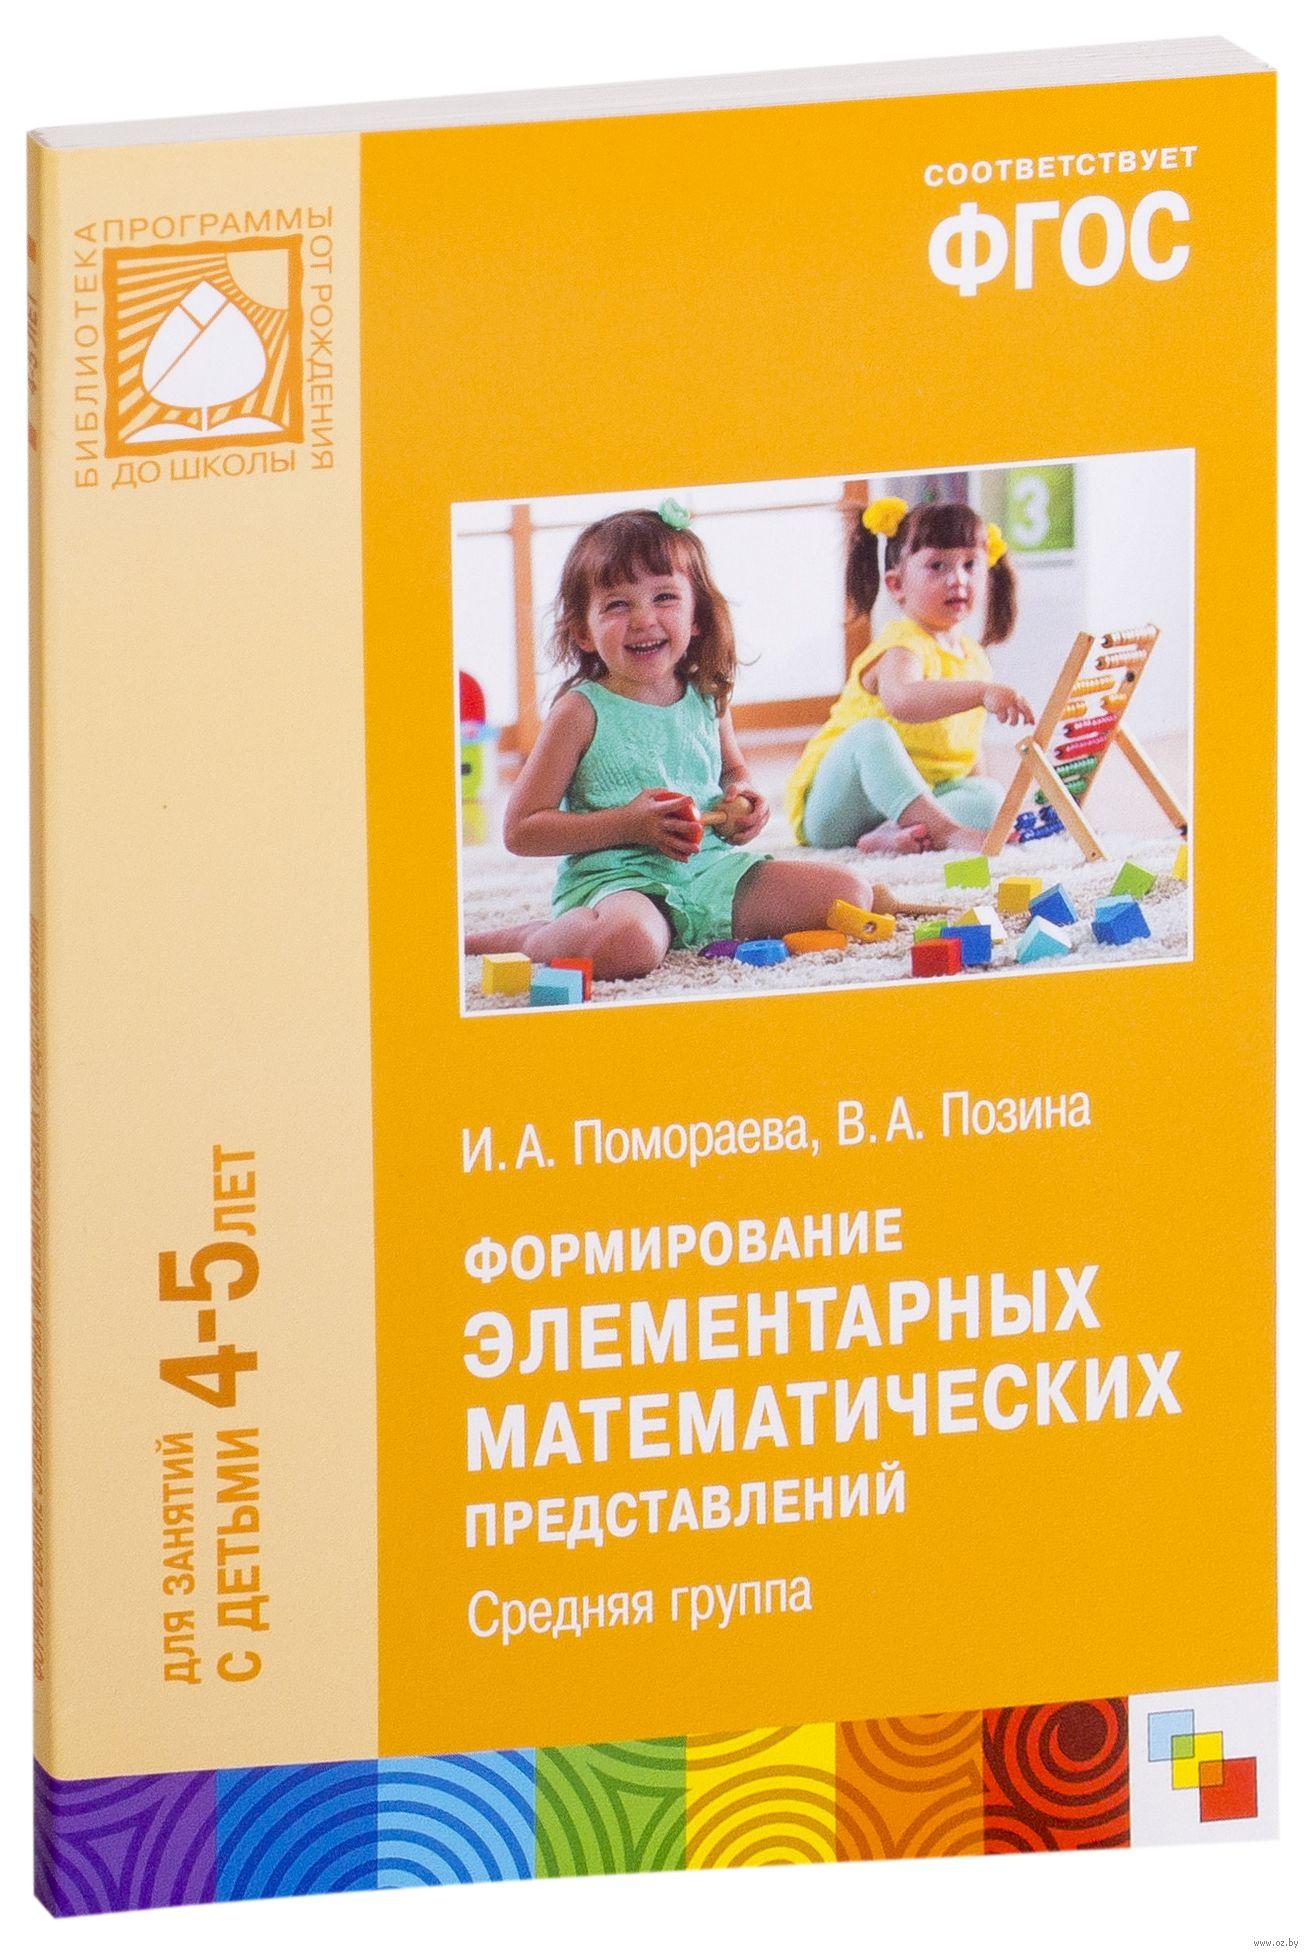 житко ив формирование элементарных математических представлений у детей от 4 до 5 лет